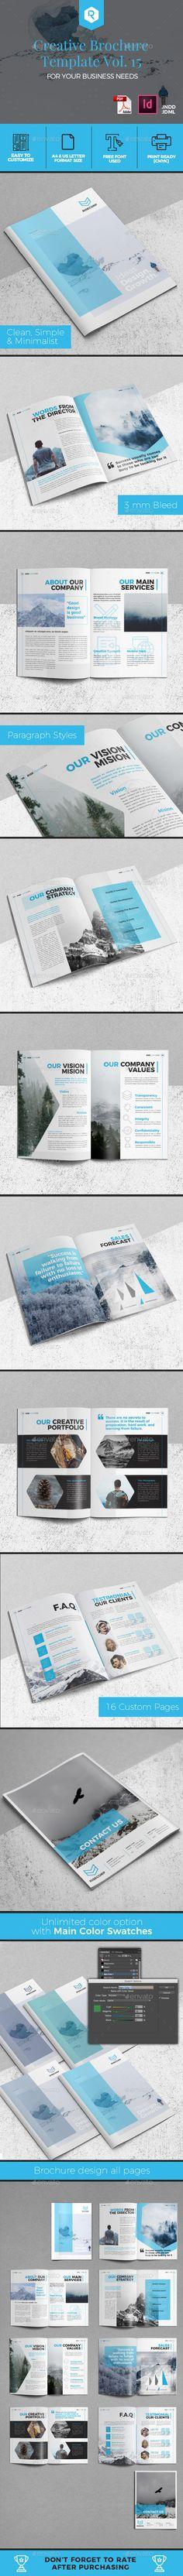 Creative #Brochure Template Vol. 15 - Corporate Brochures Download here: https://graphicriver.net/item/creative-brochure-template-vol-15/20007529?ref=alena994